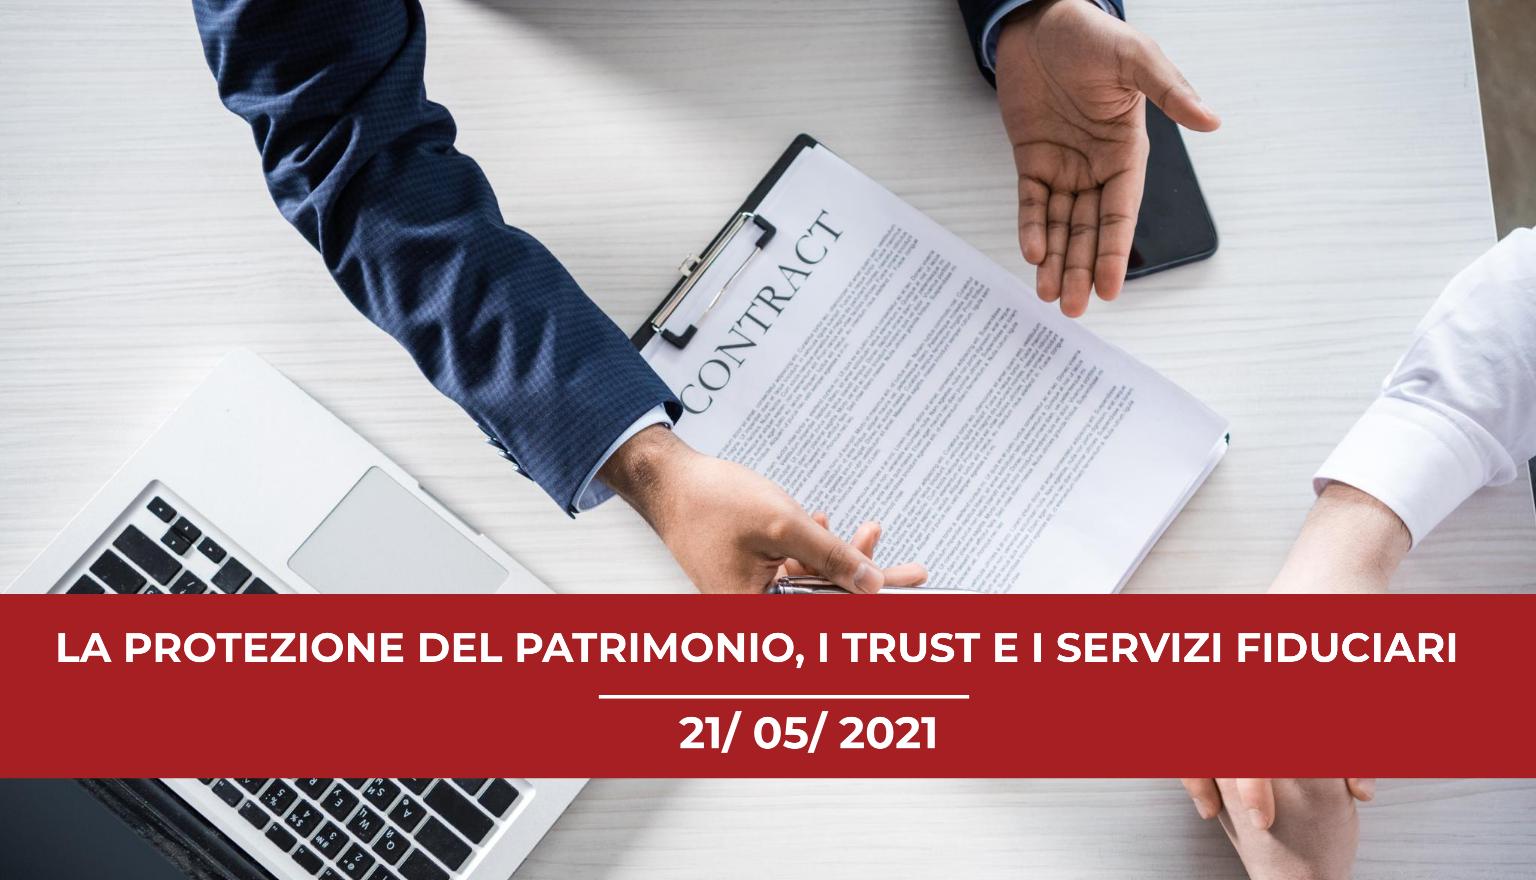 convegno-online-2021-la-protezione-del-patrimonio-il-trust-e-i-servizi-fiduciari